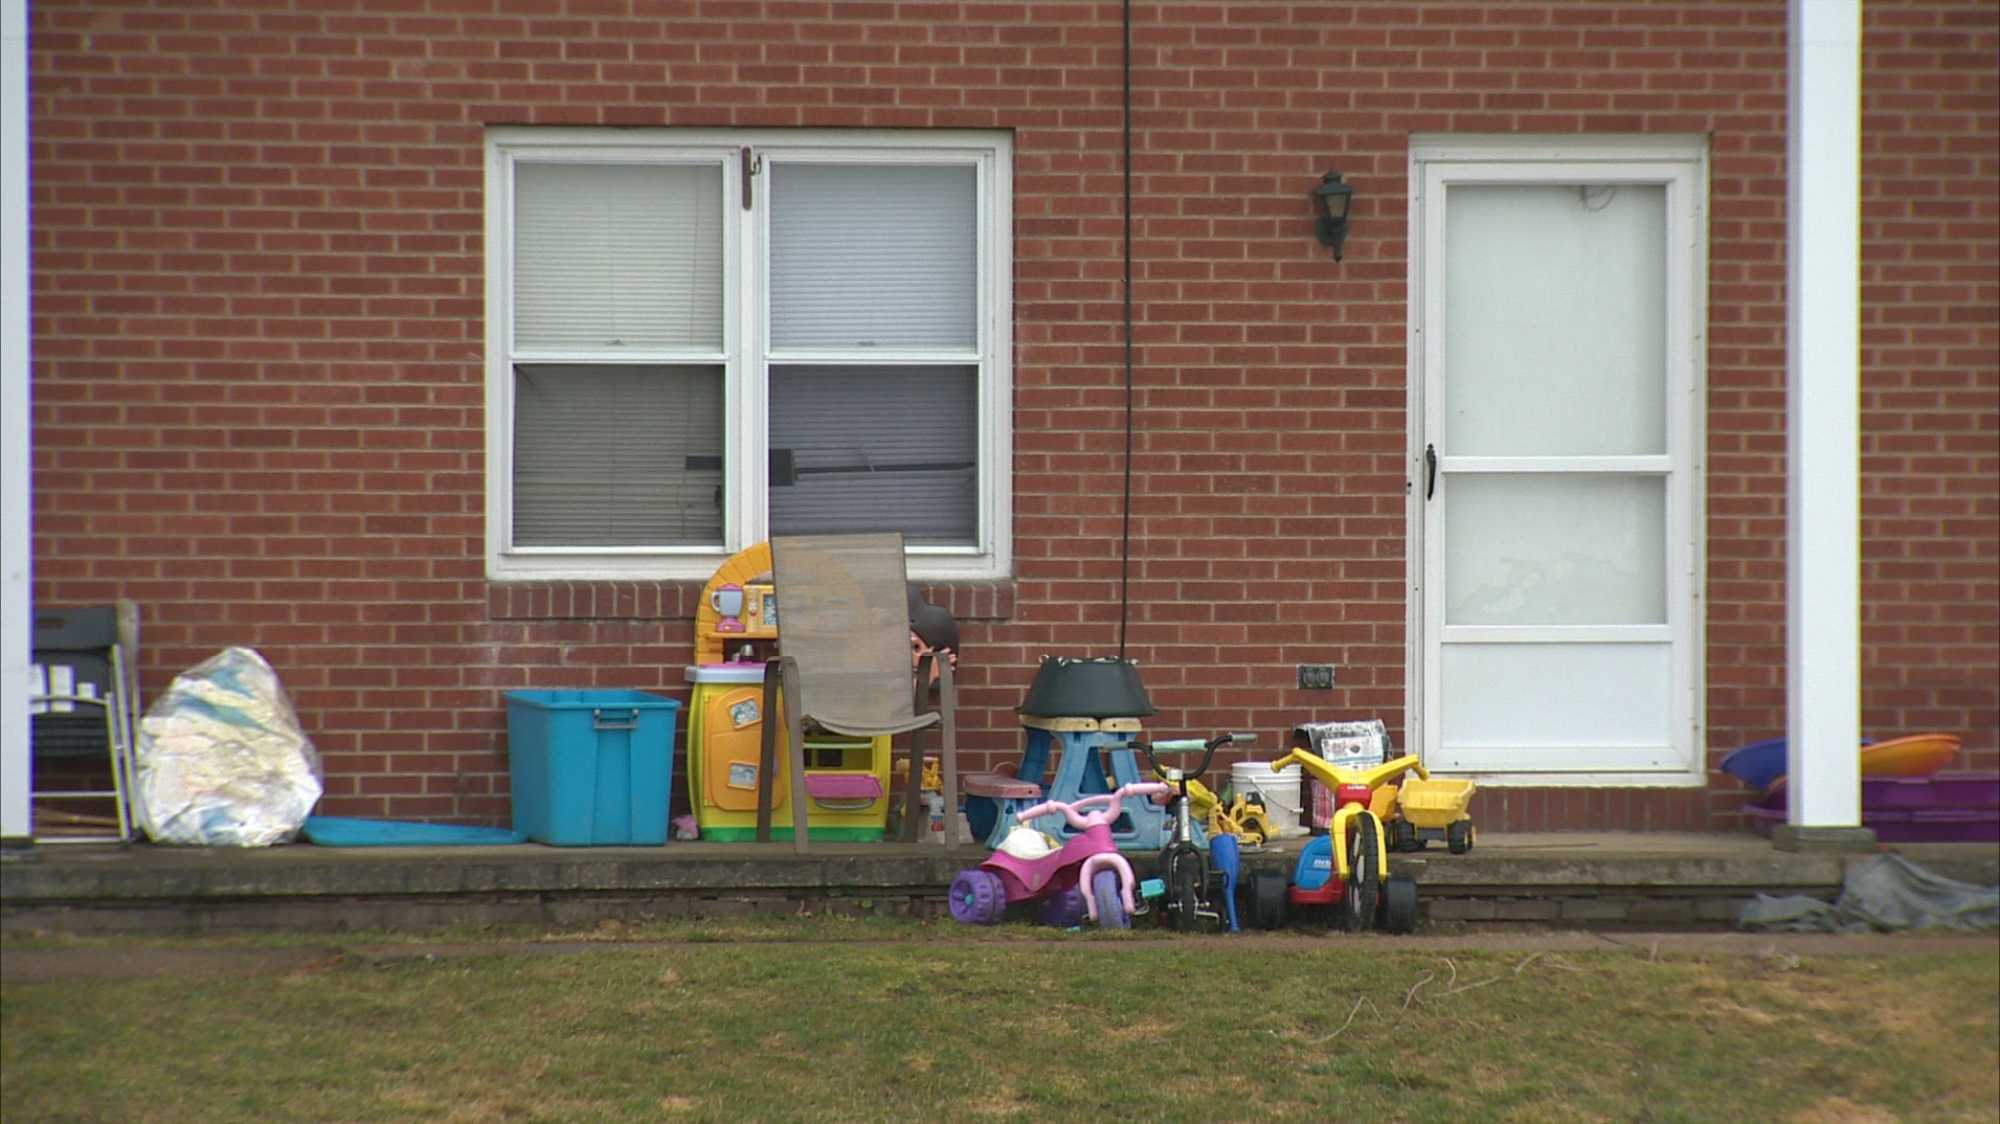 Indiana child abuse house